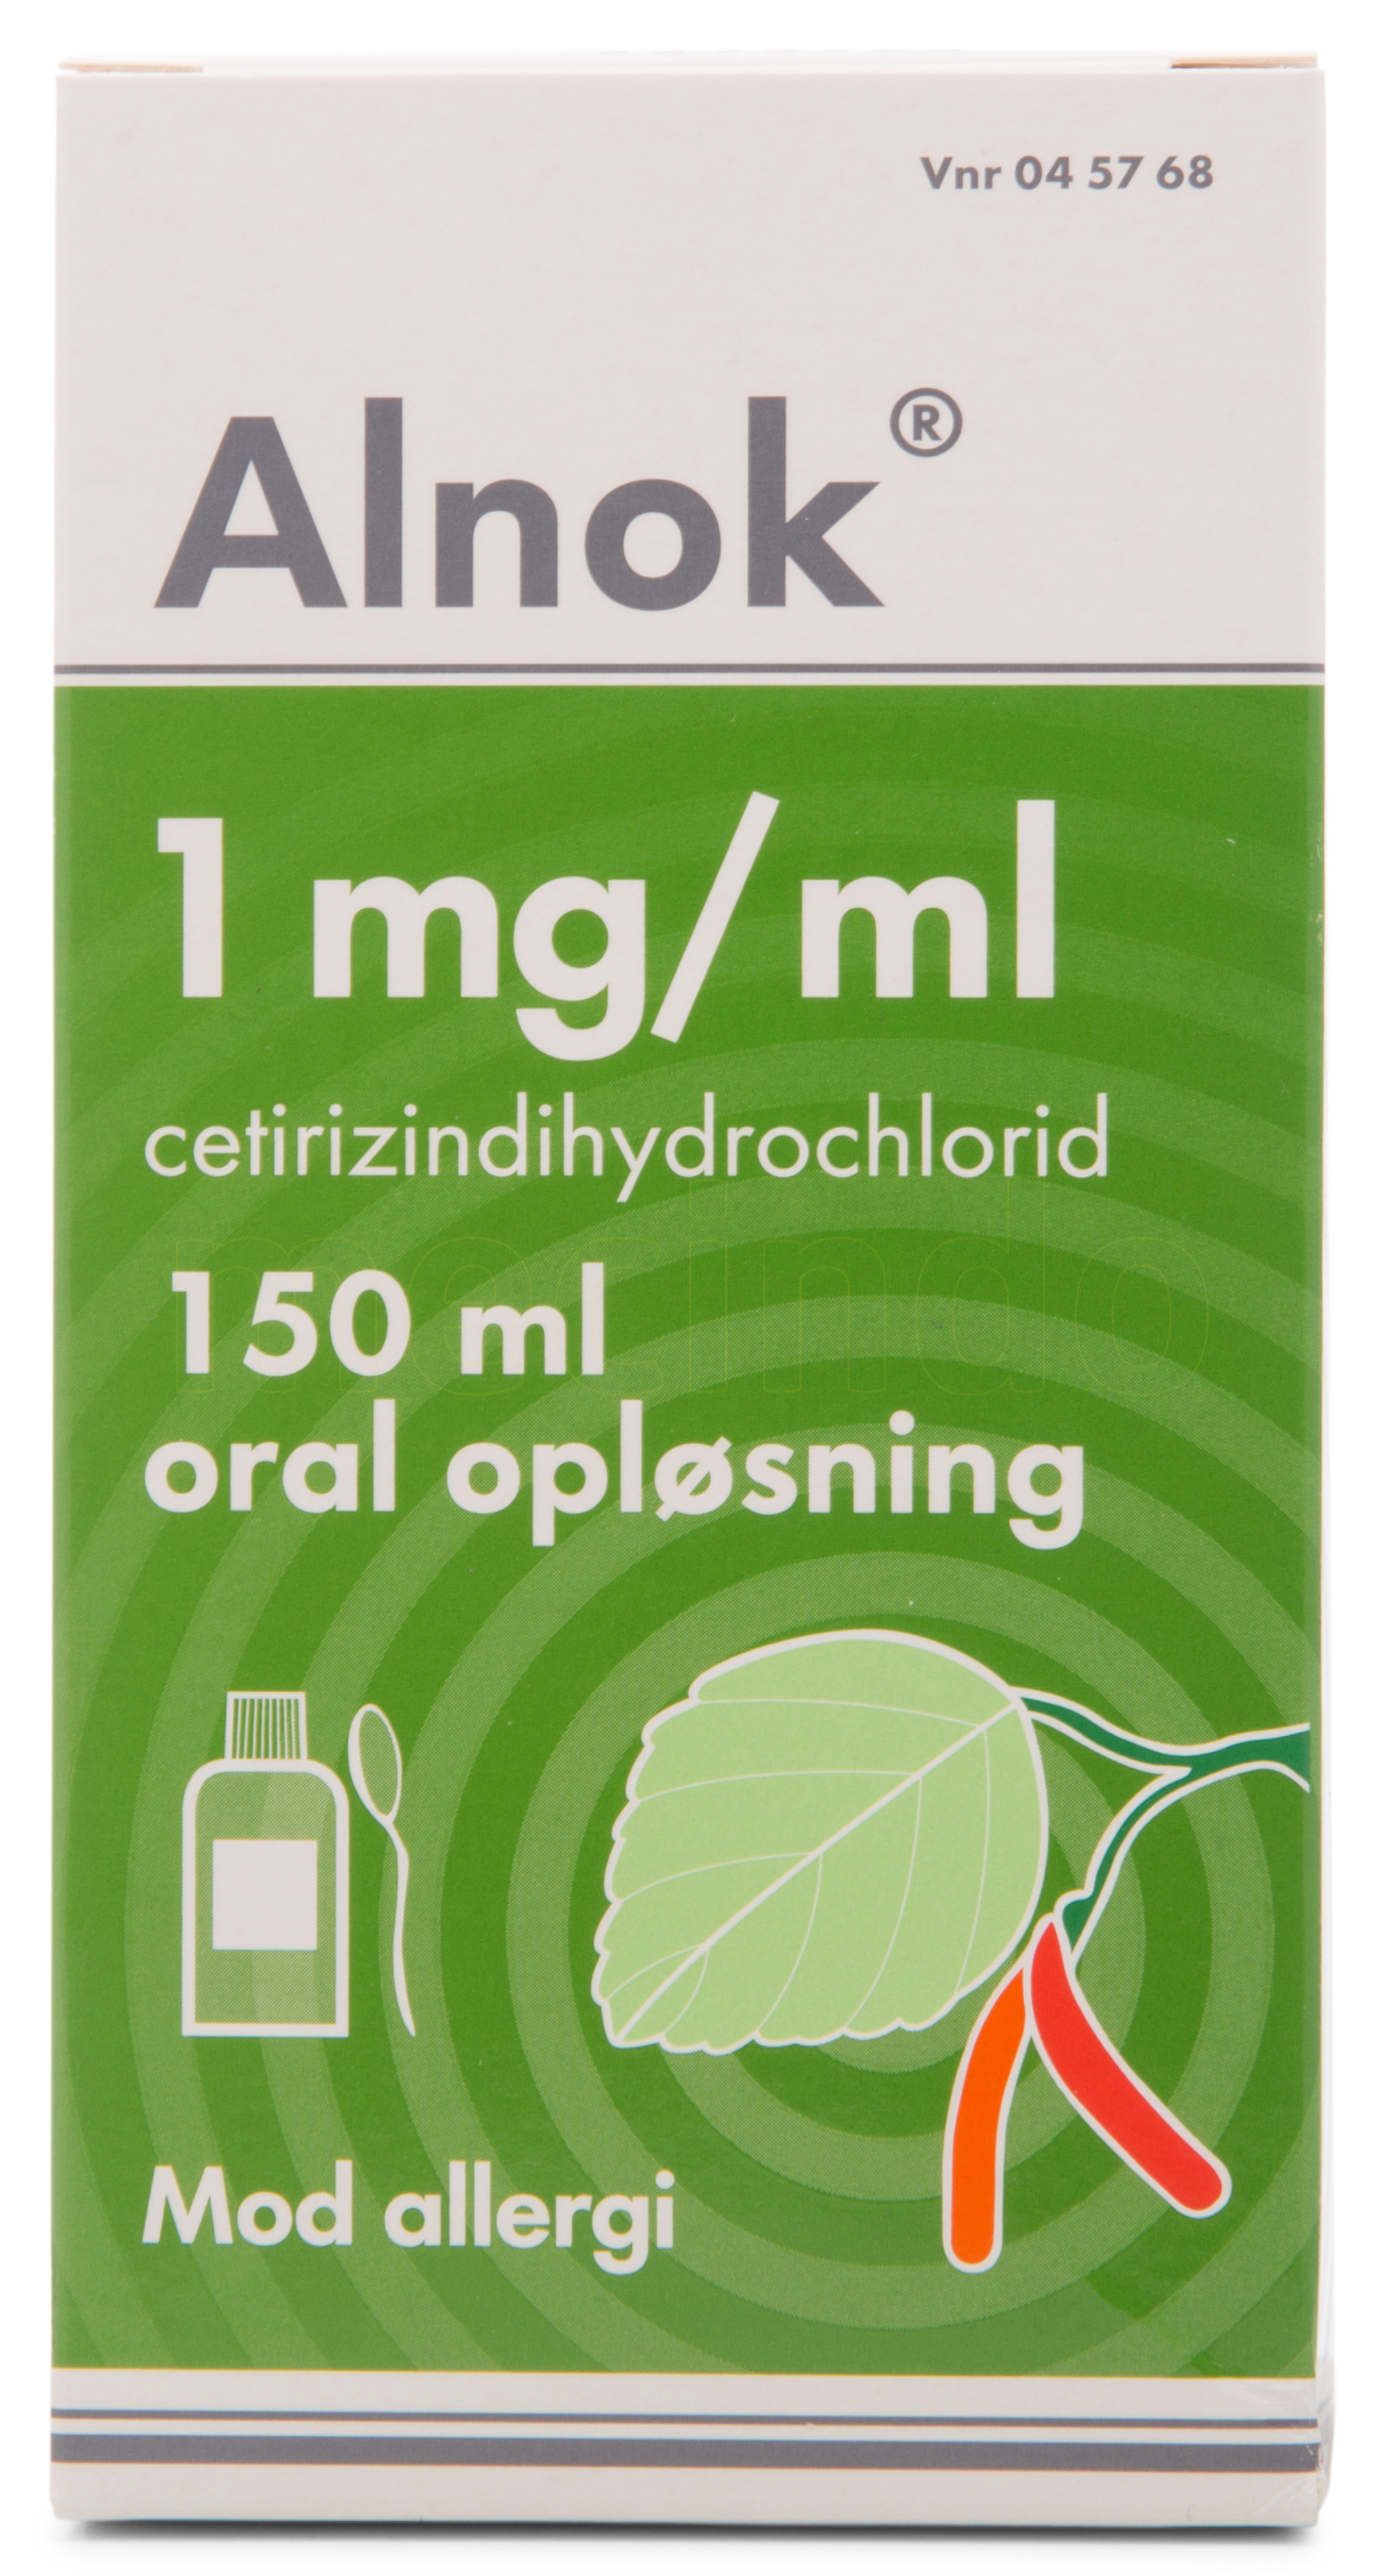 Image of Alnok Oral Opløsning - 1 mg/m - 150 ml